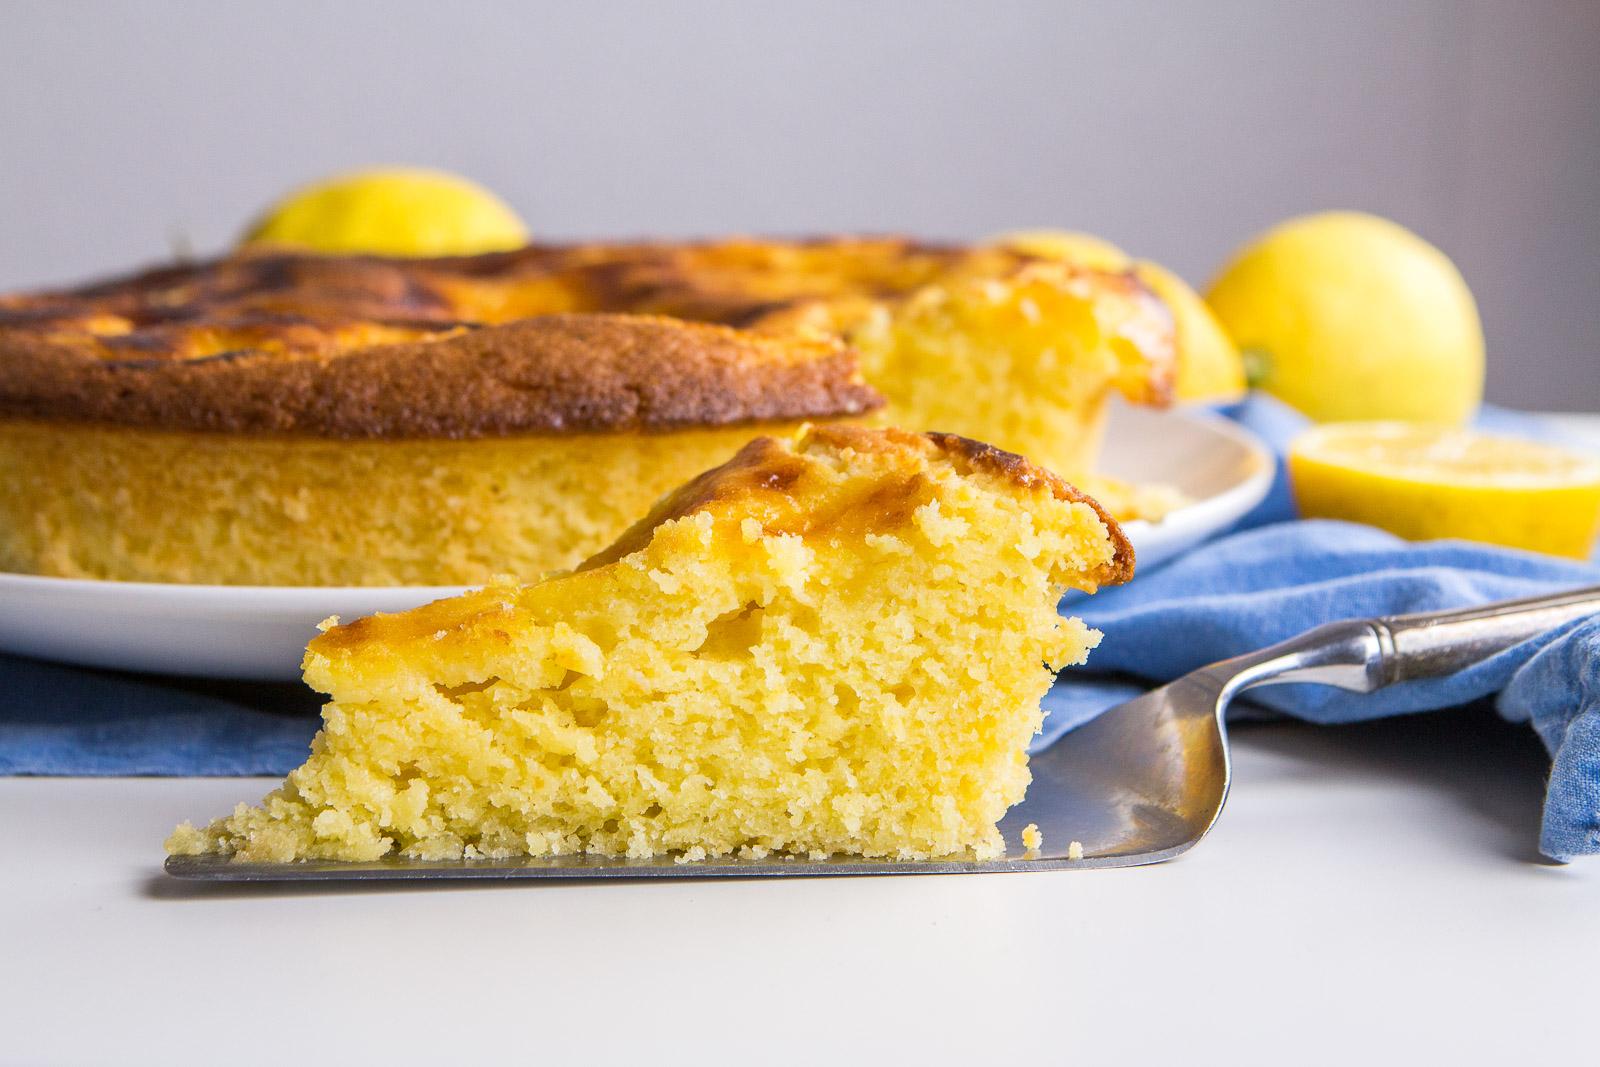 lemon-curd-cake-6.jpg